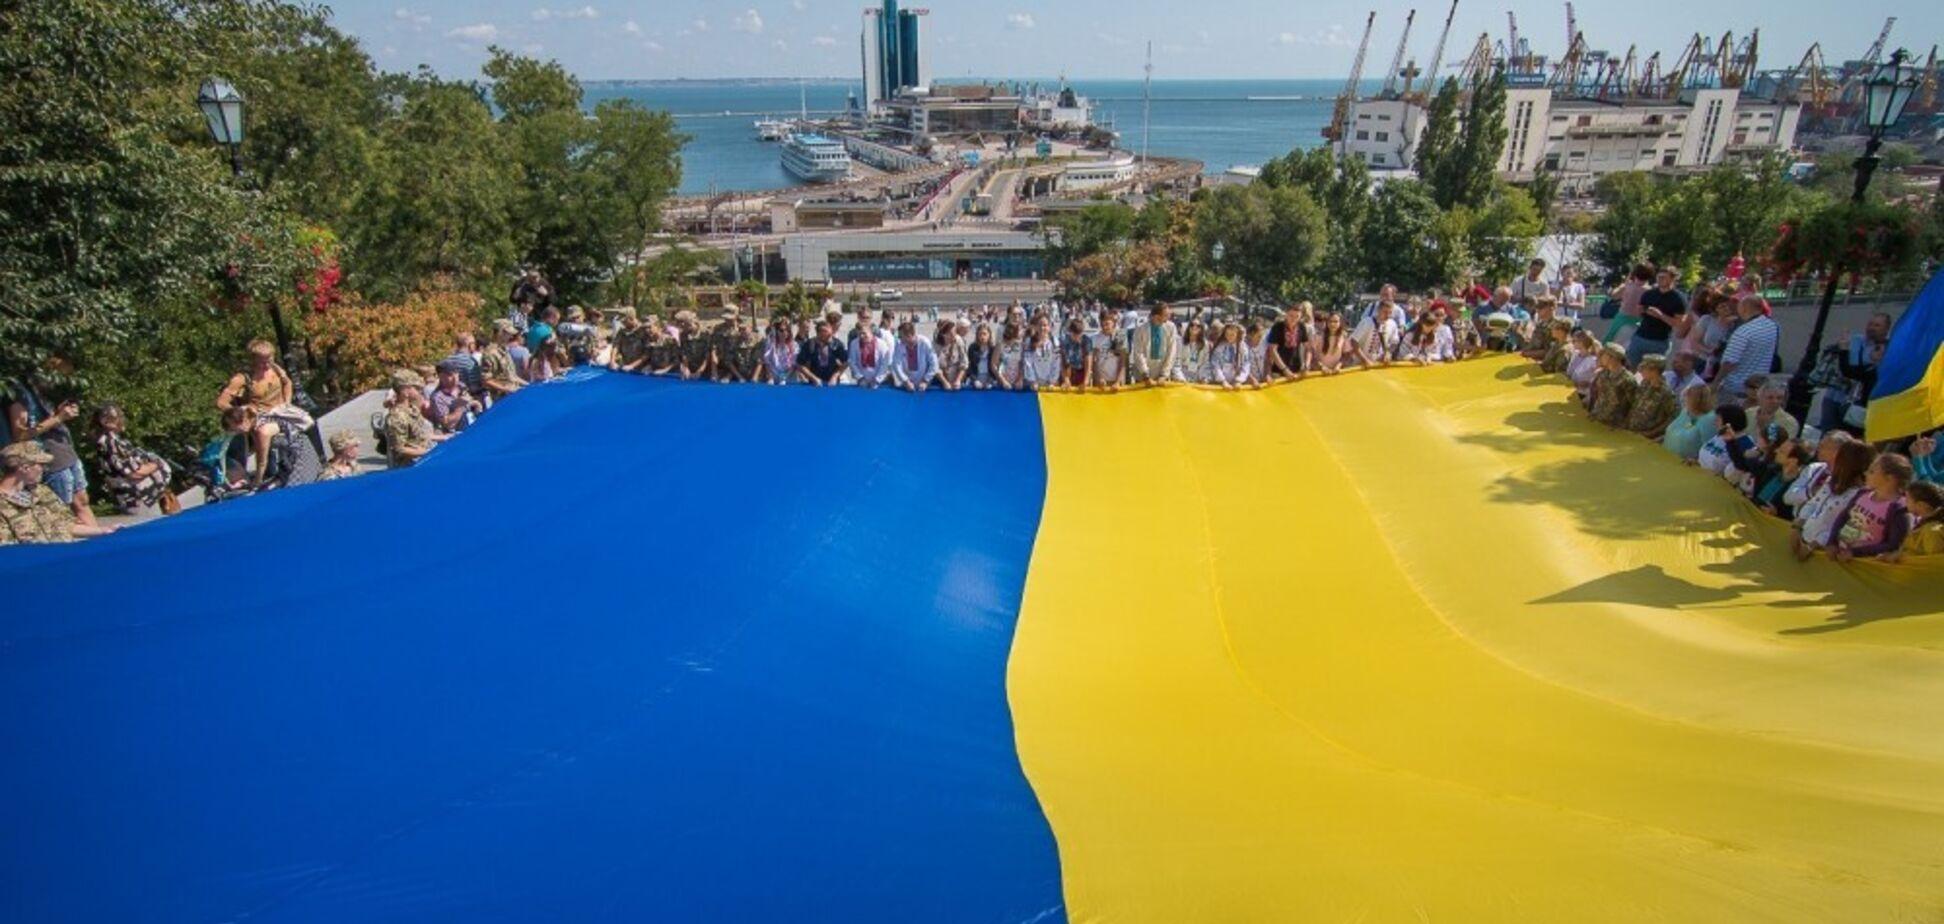 Будувати необхідно Україні Україну